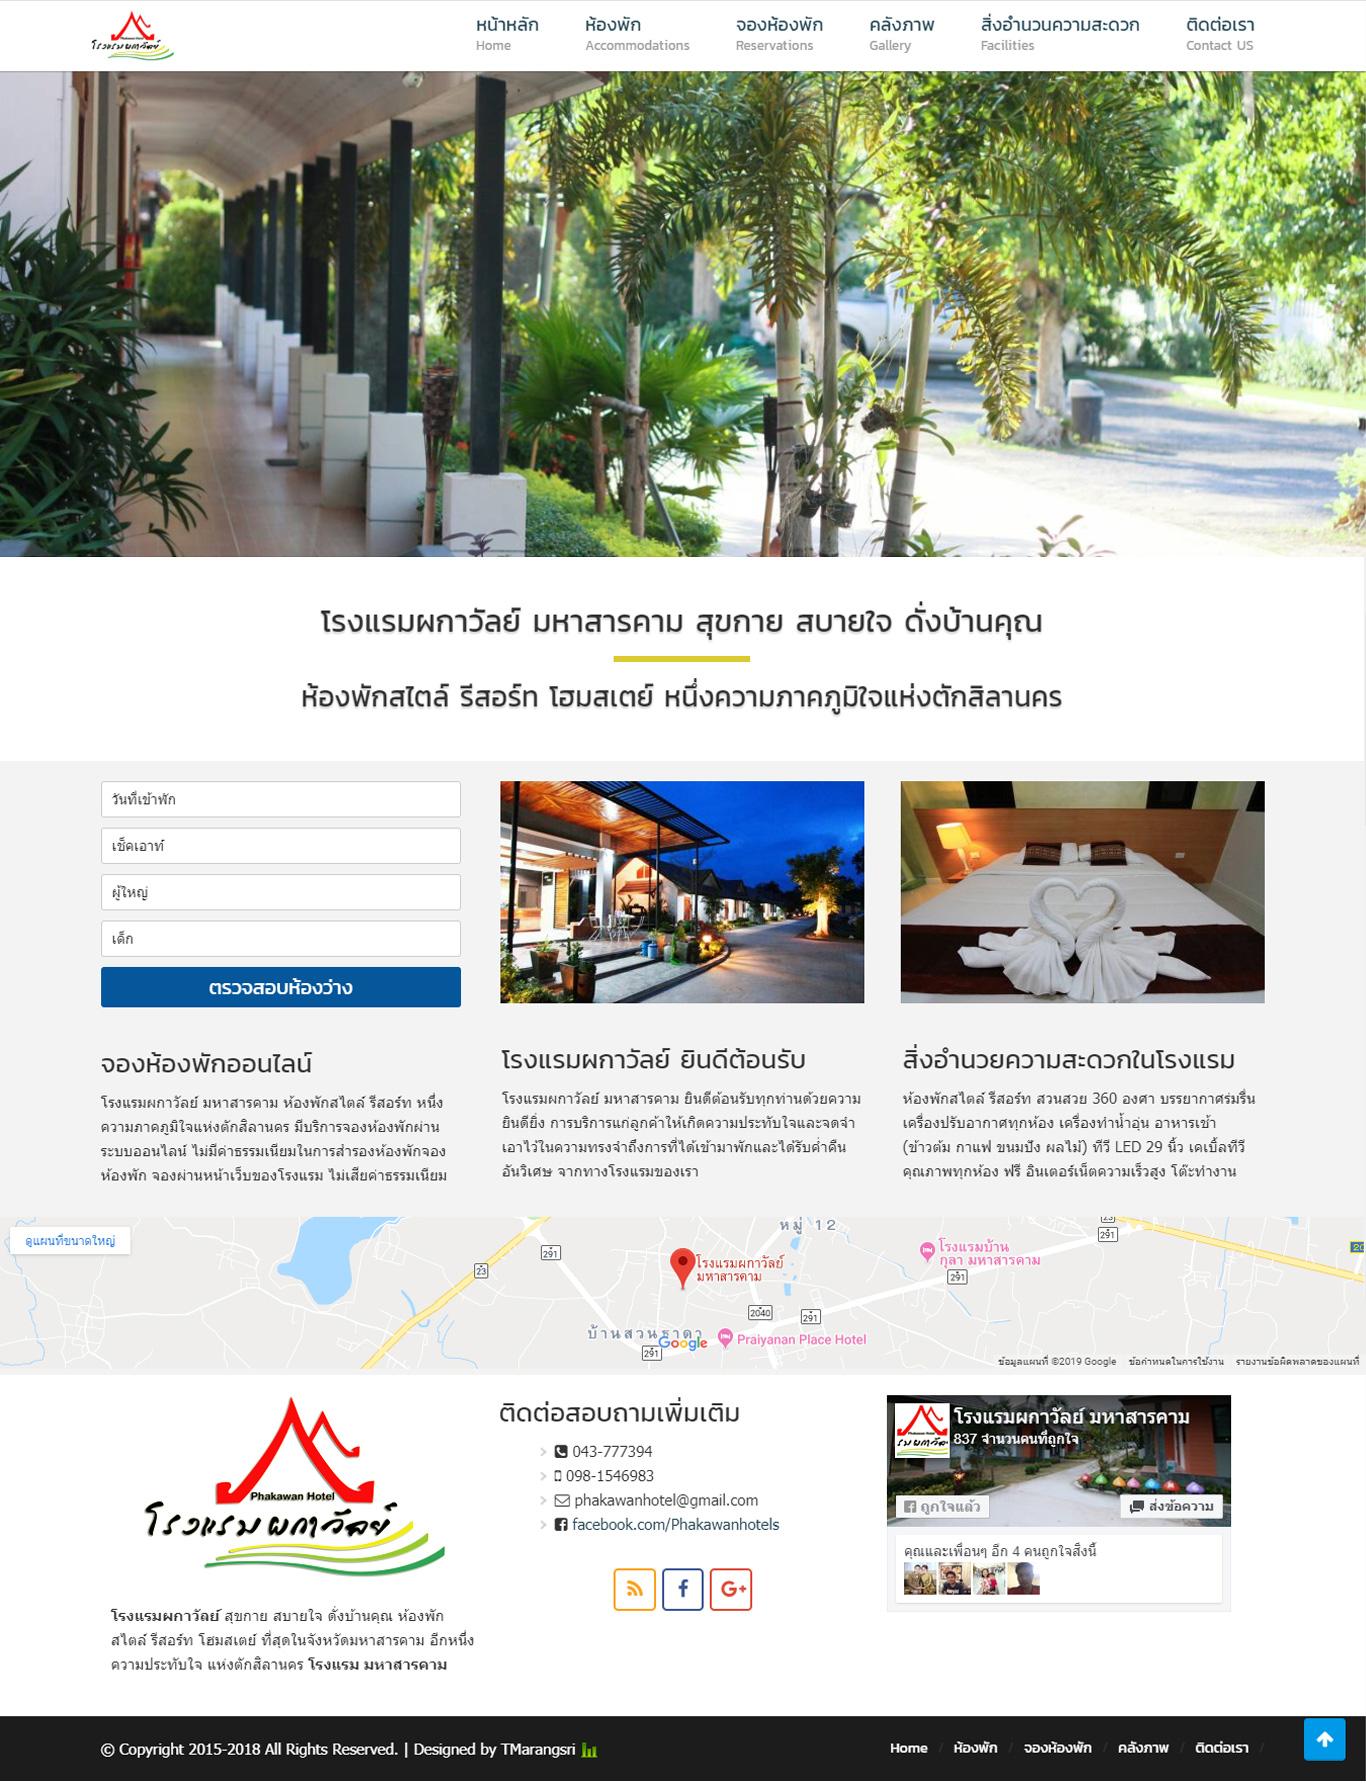 เว็บไซต์ phakawanhotel.com